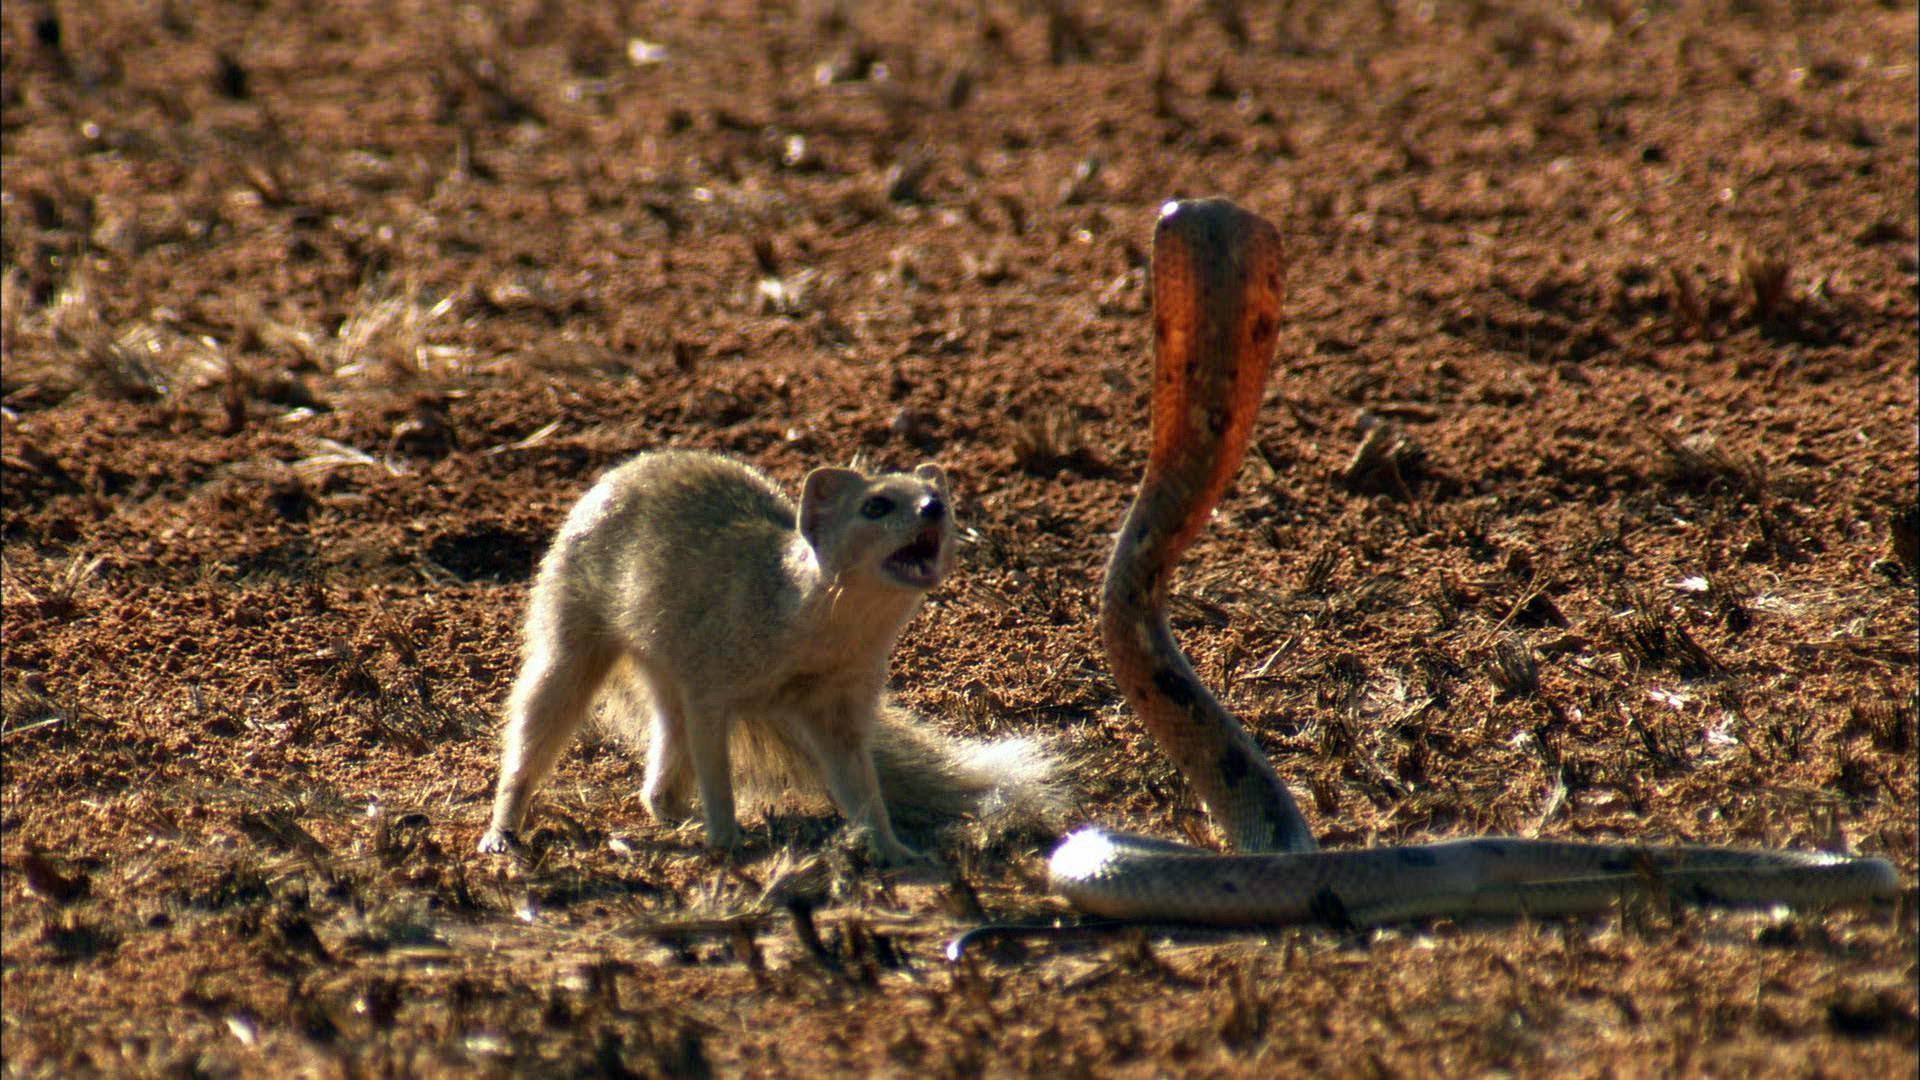 Mongoose Free